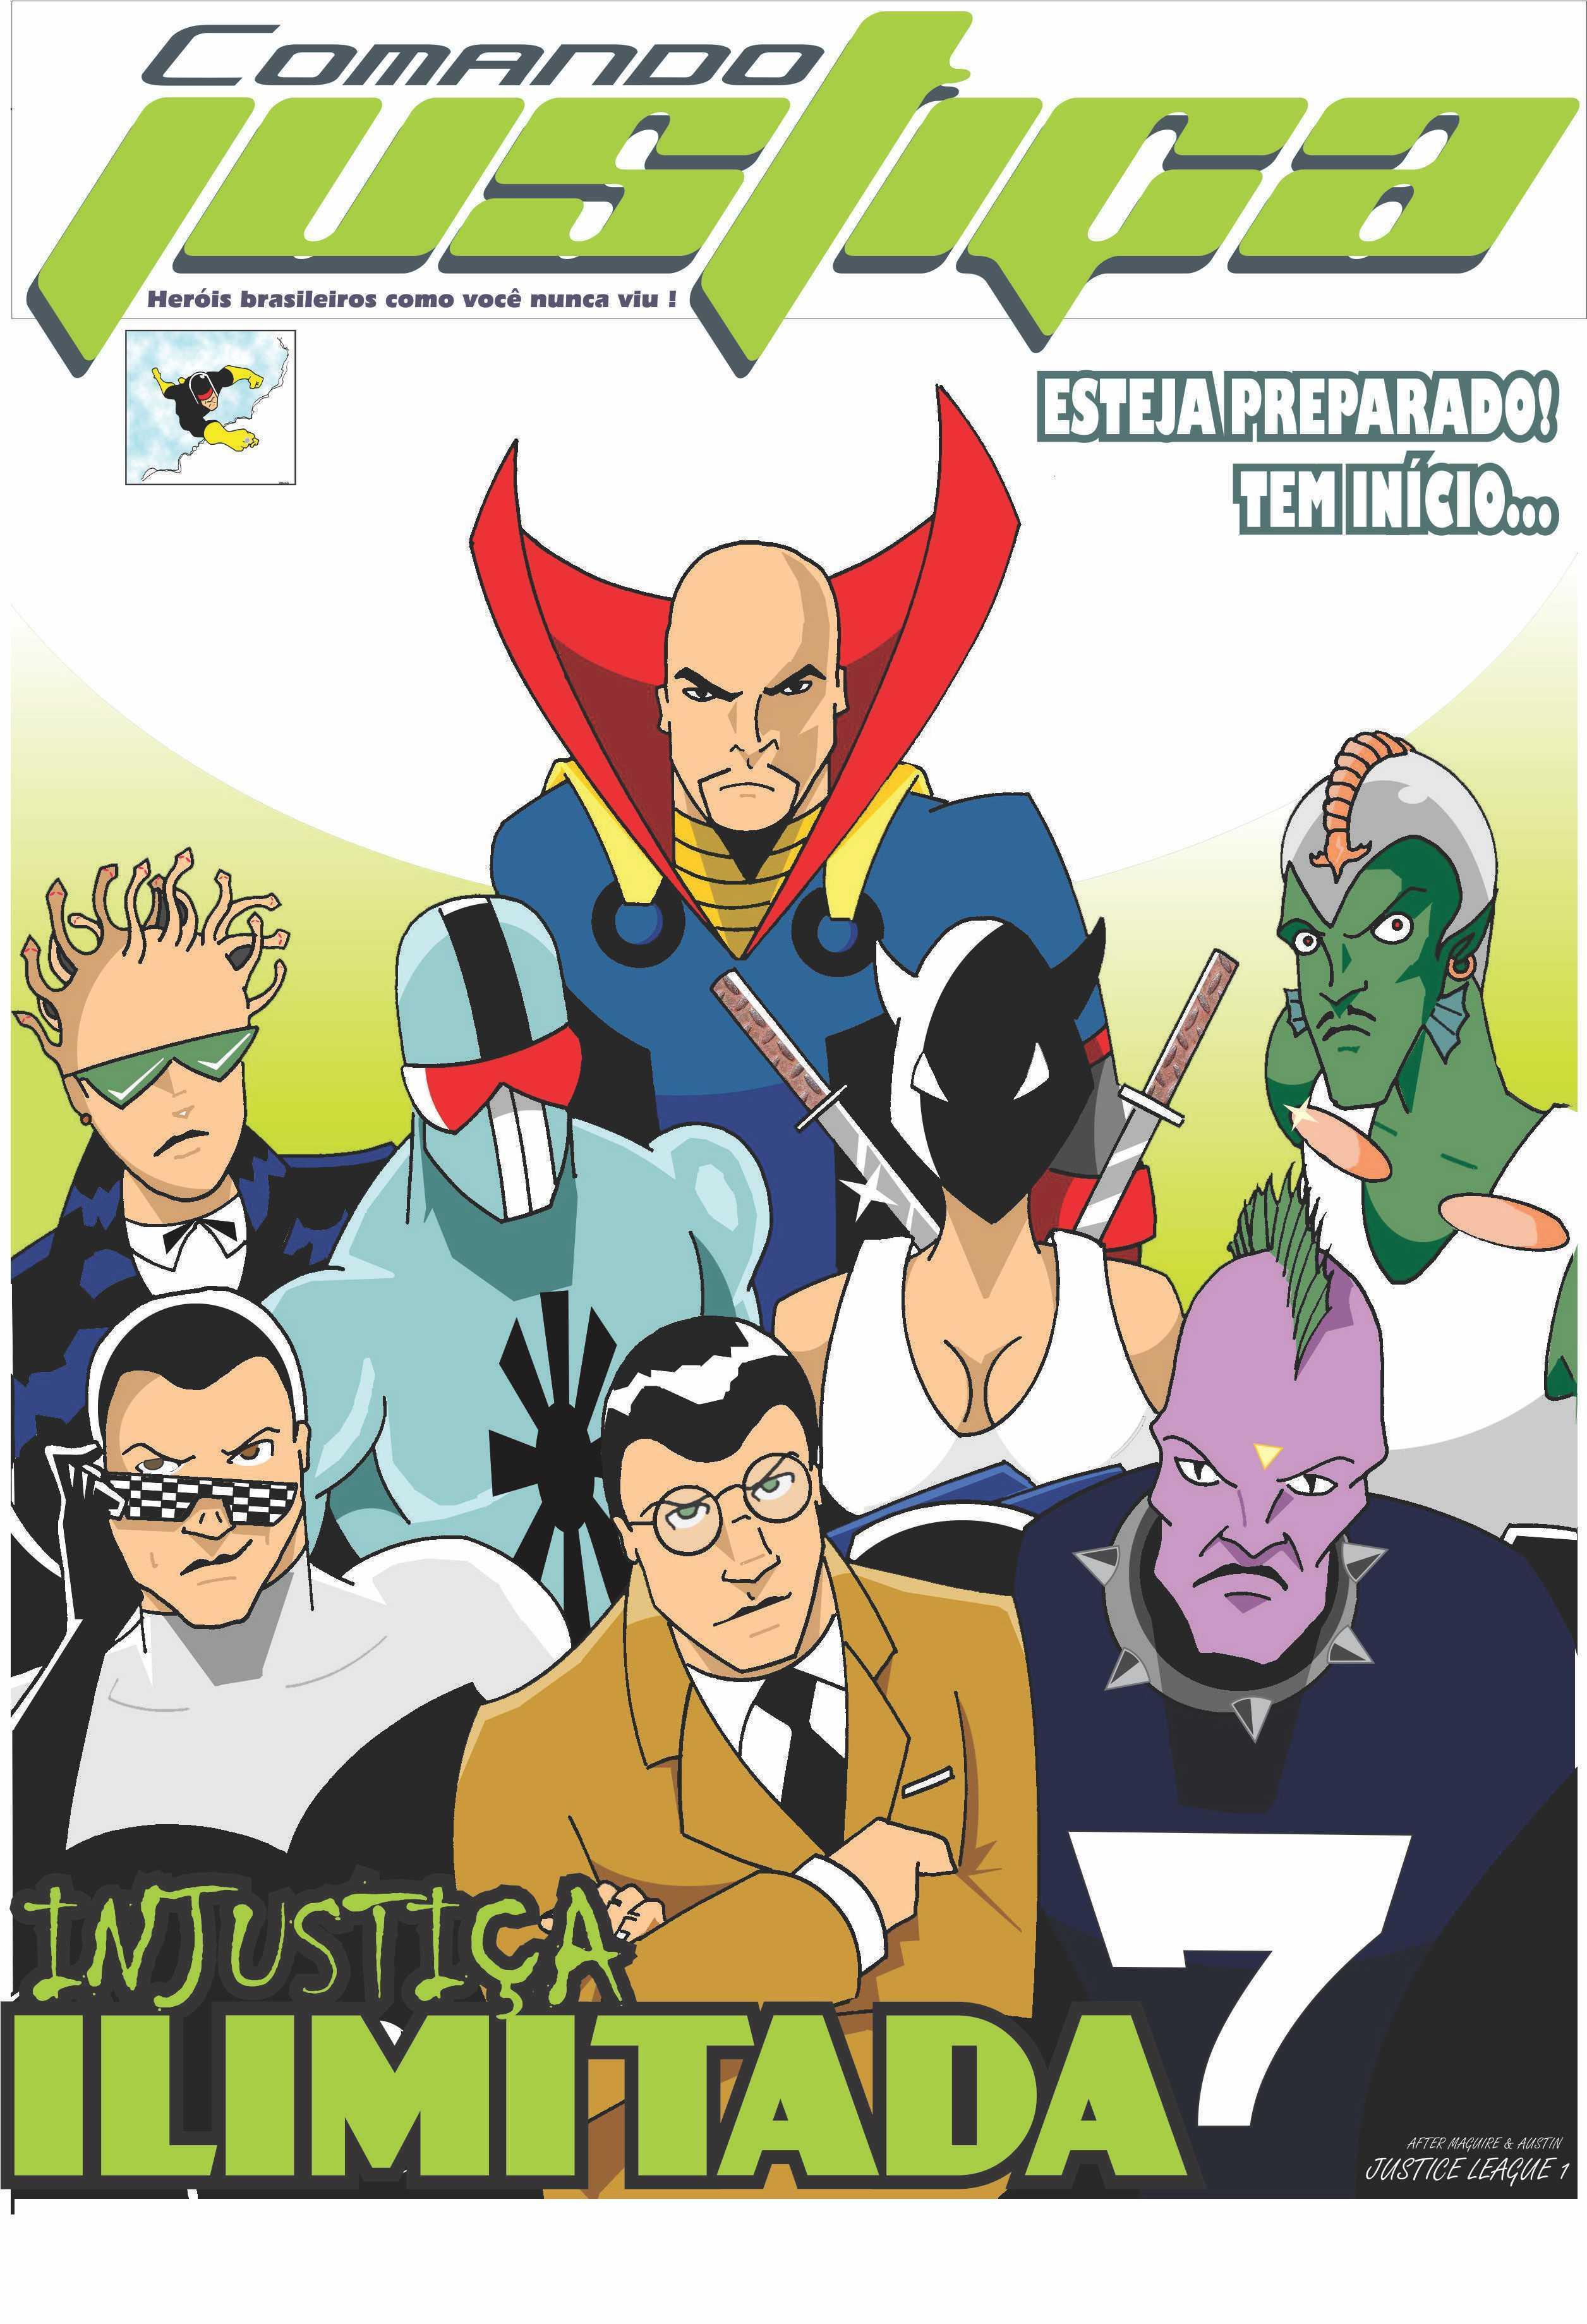 Os maiores inimigos dos heróis do COMANDO reunidos sob a liderança do Dr. Solano iniciam sua ofensiva para aniquilar a equipe de super heróis!!